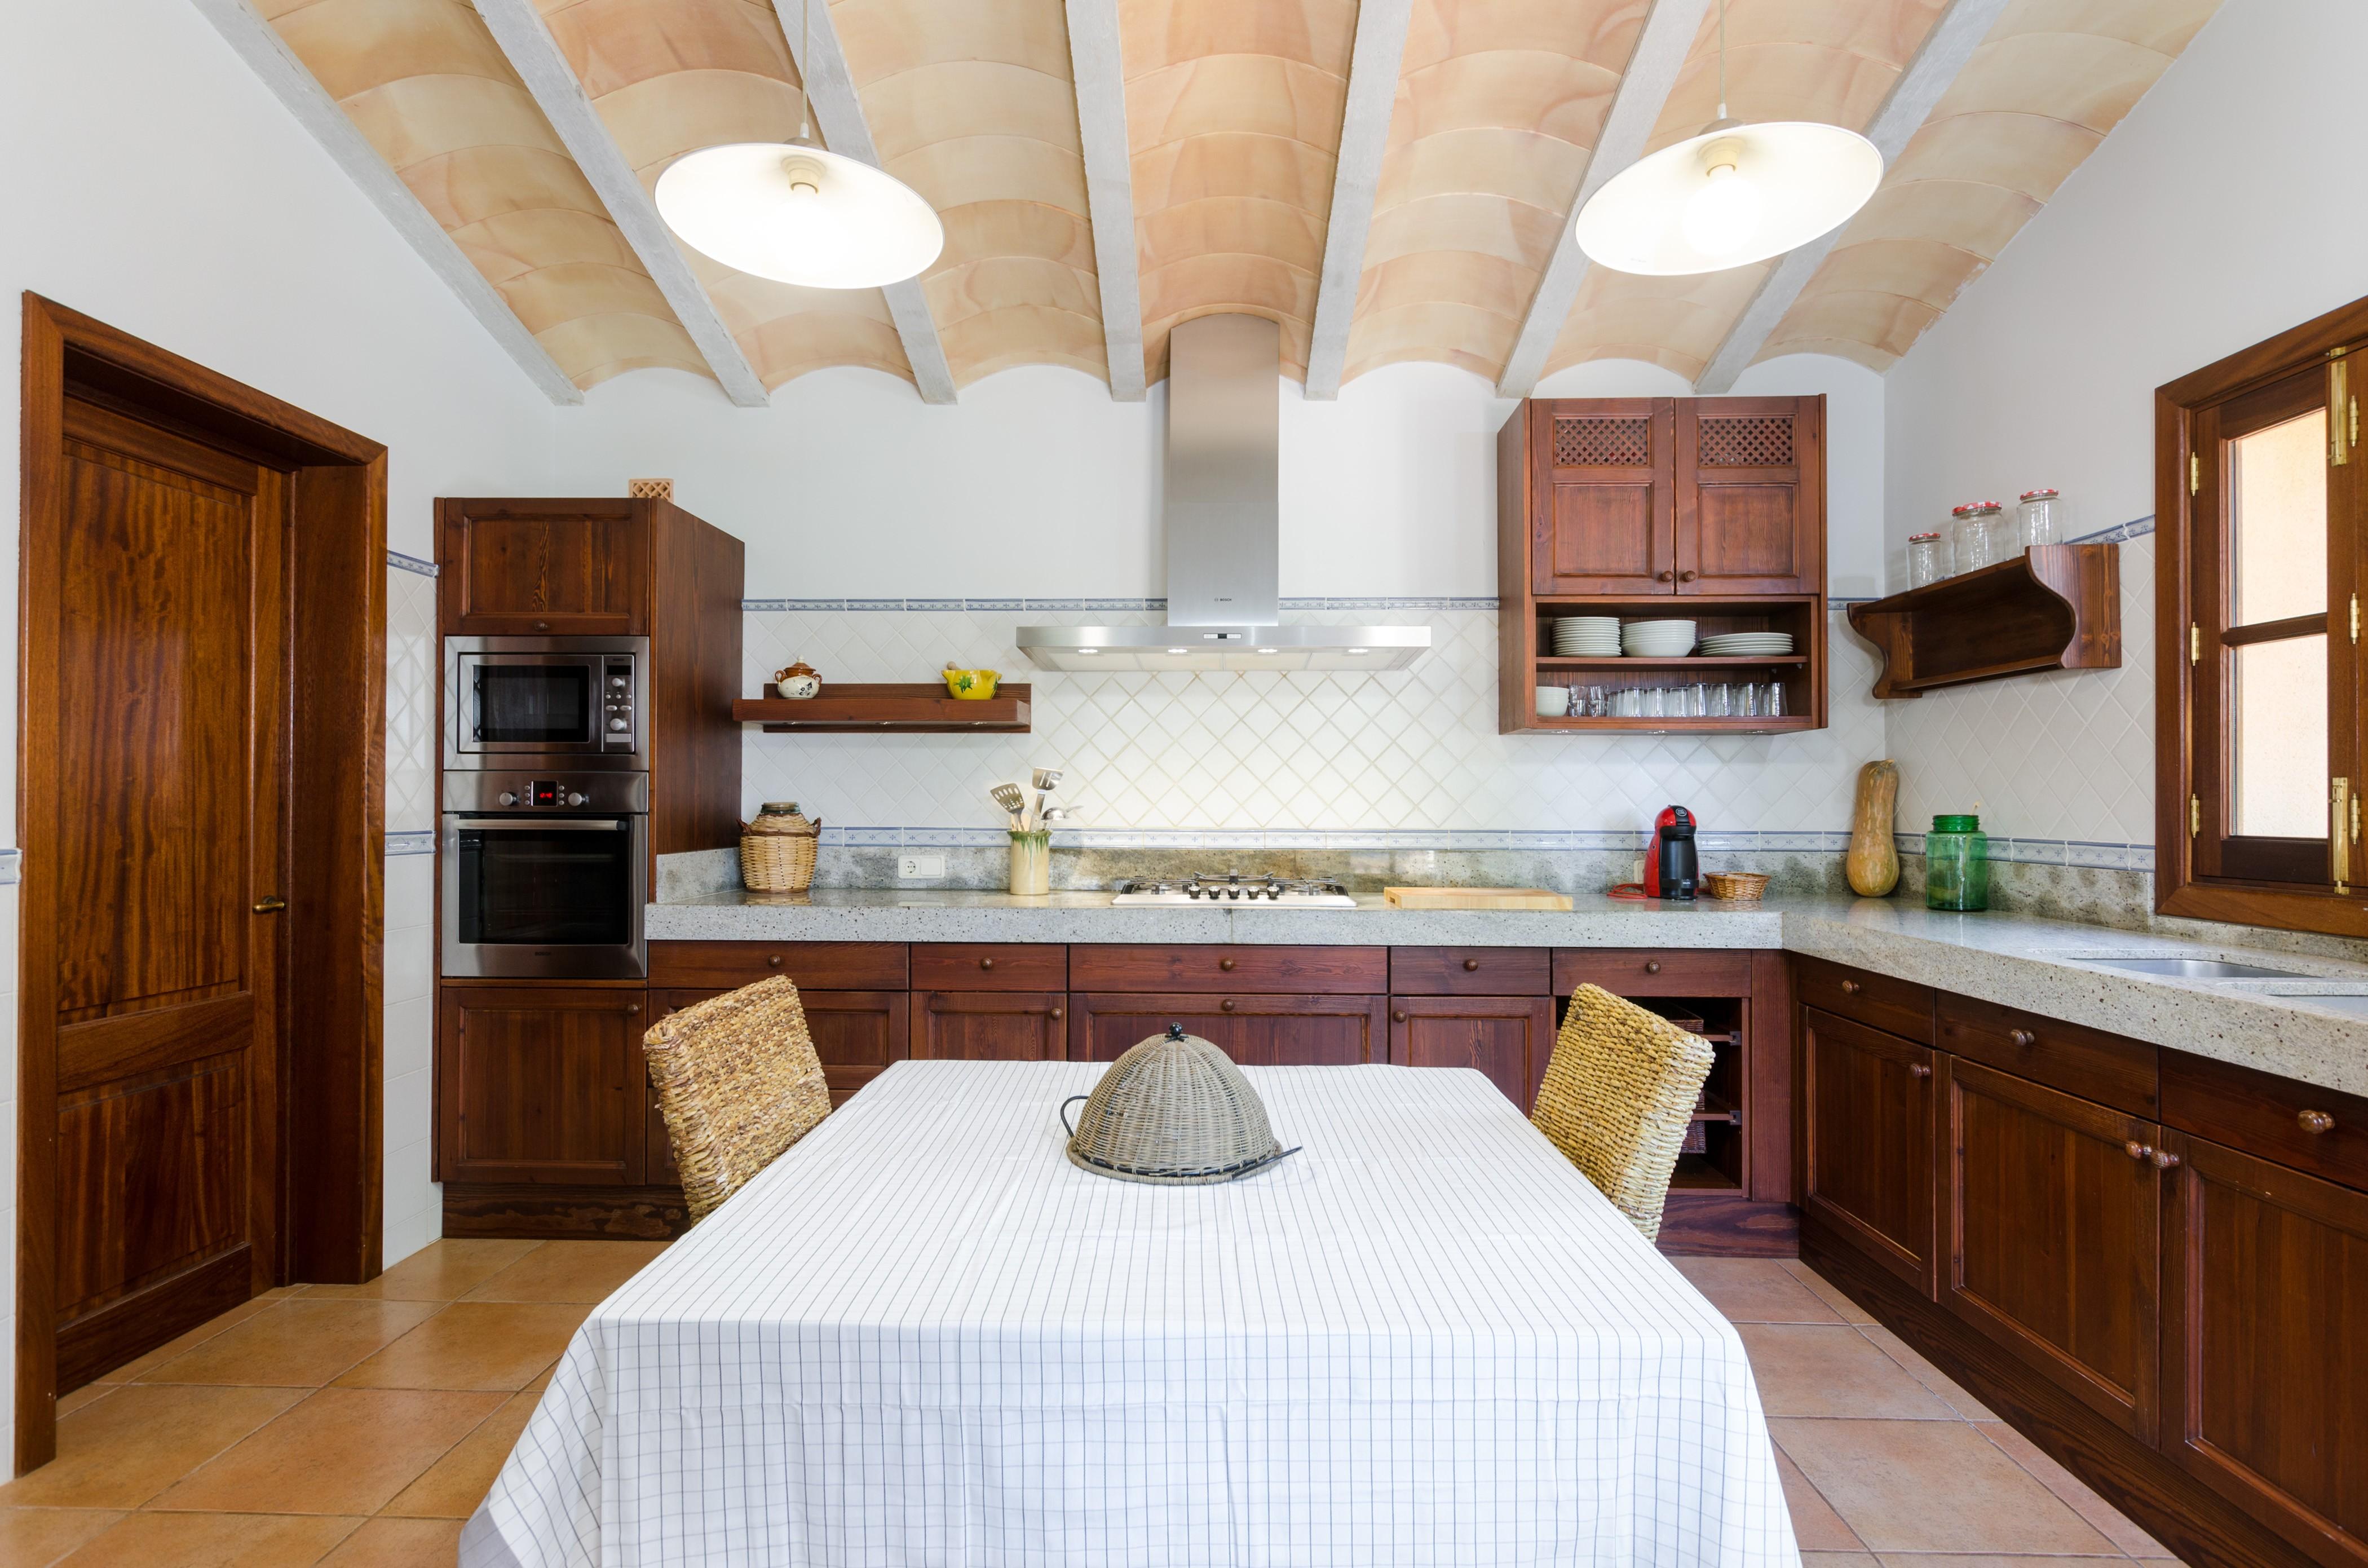 Maison de vacances ES VEDAT (2632993), Lloret de Vistalegre, Majorque, Iles Baléares, Espagne, image 18